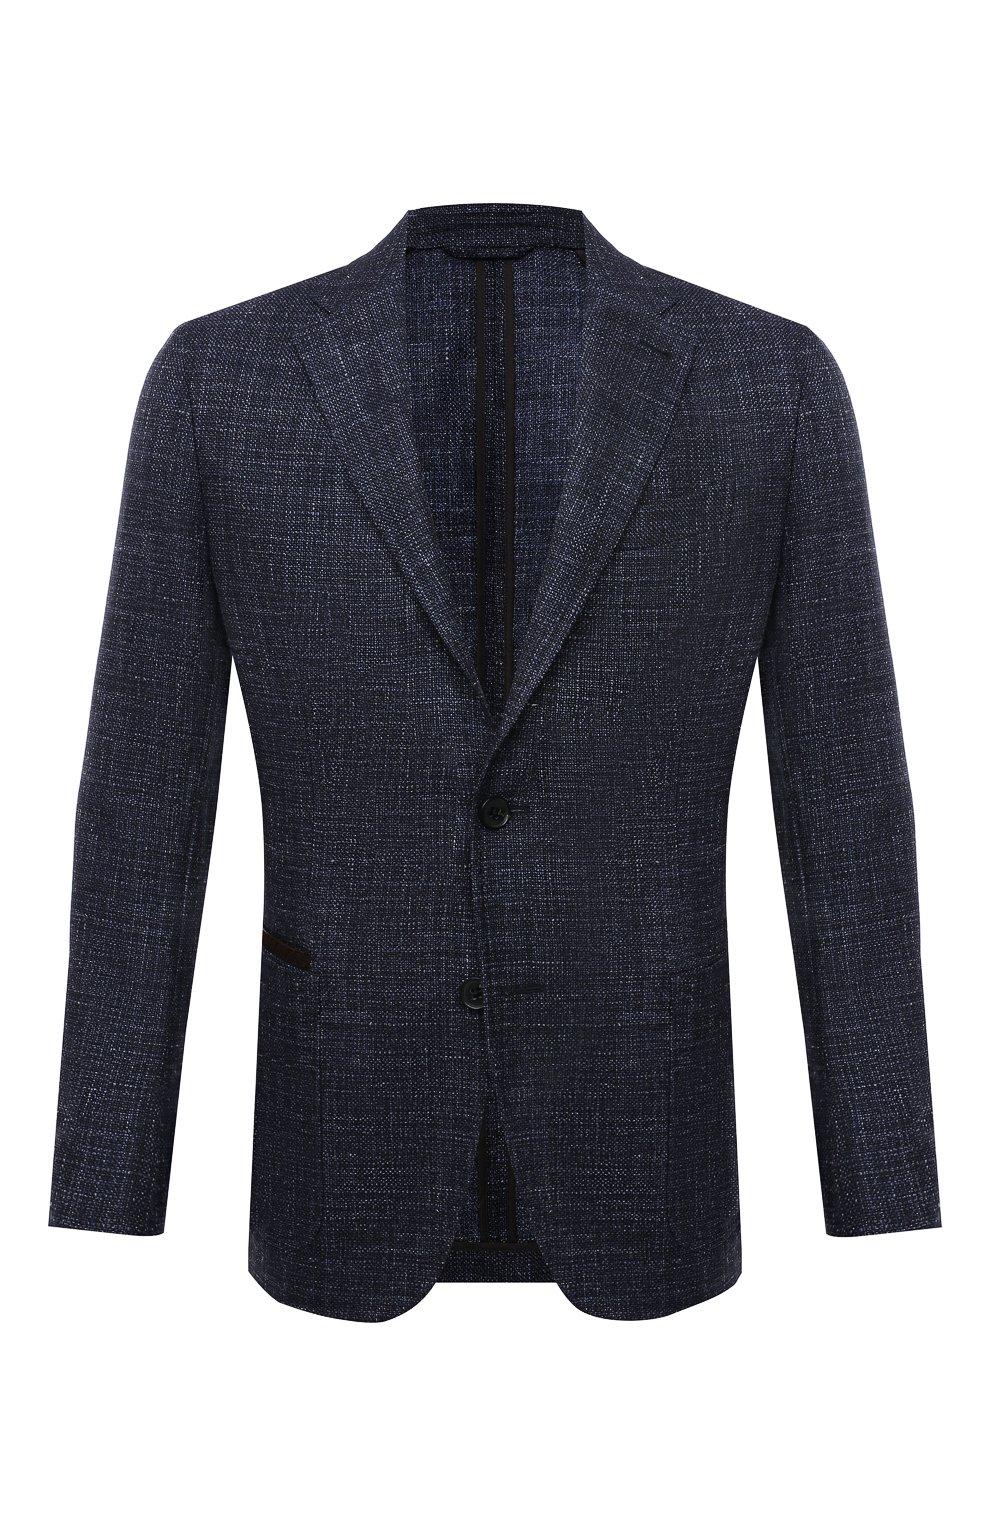 Мужской пиджак из шерсти и шелка ERMENEGILDO ZEGNA темно-синего цвета, арт. UWC30/SQR | Фото 1 (Случай: Коктейльный; Материал внешний: Шерсть; Рукава: Длинные; Длина (для топов): Стандартные; Стили: Классический; 1-2-бортные: Однобортные; Материал подклада: Хлопок; Пиджаки М: Приталенный)